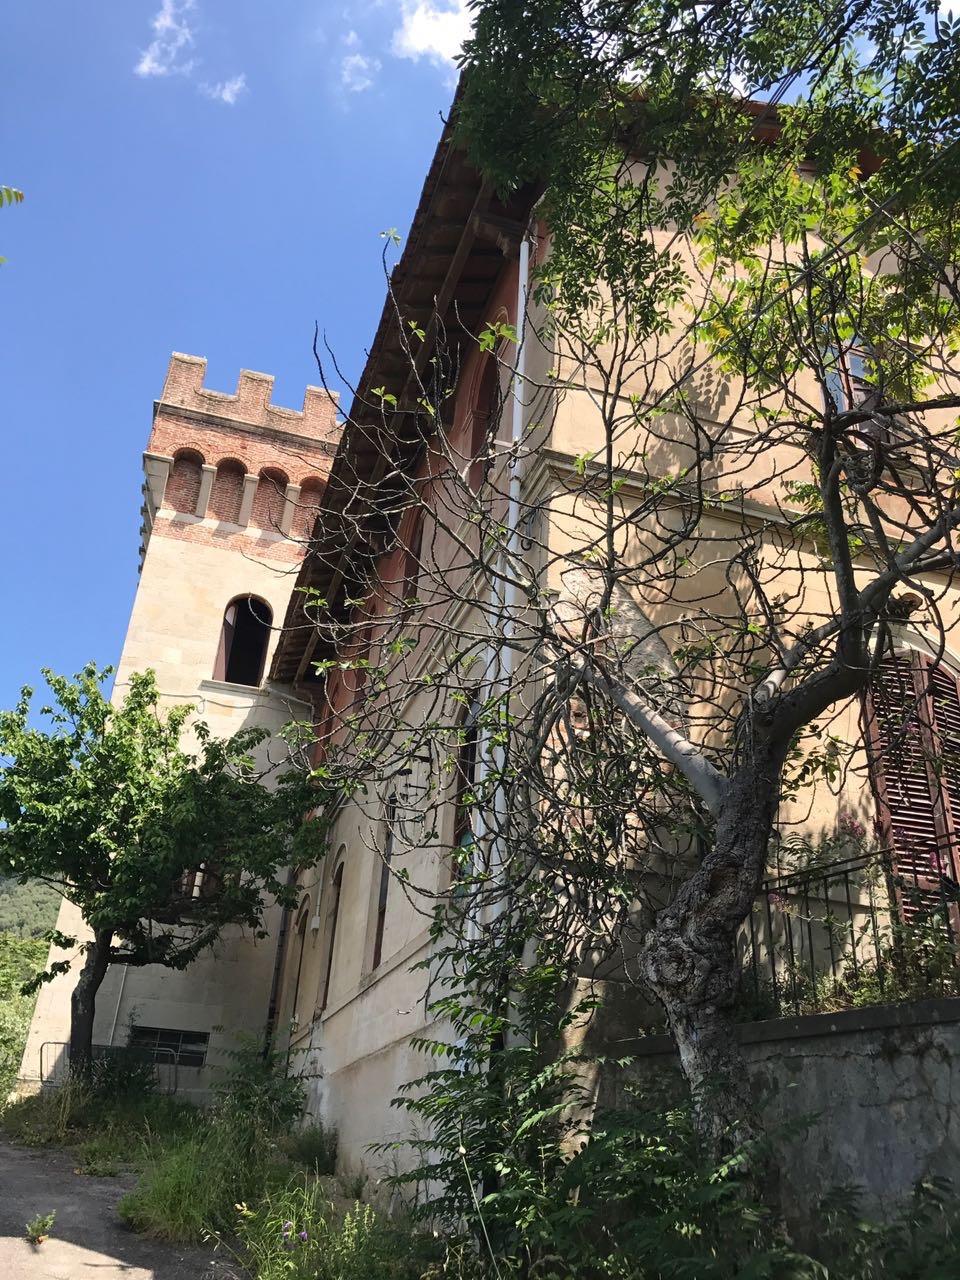 Palazzo / Stabile in vendita a San Giuliano Terme, 9999 locali, prezzo € 400.000 | CambioCasa.it